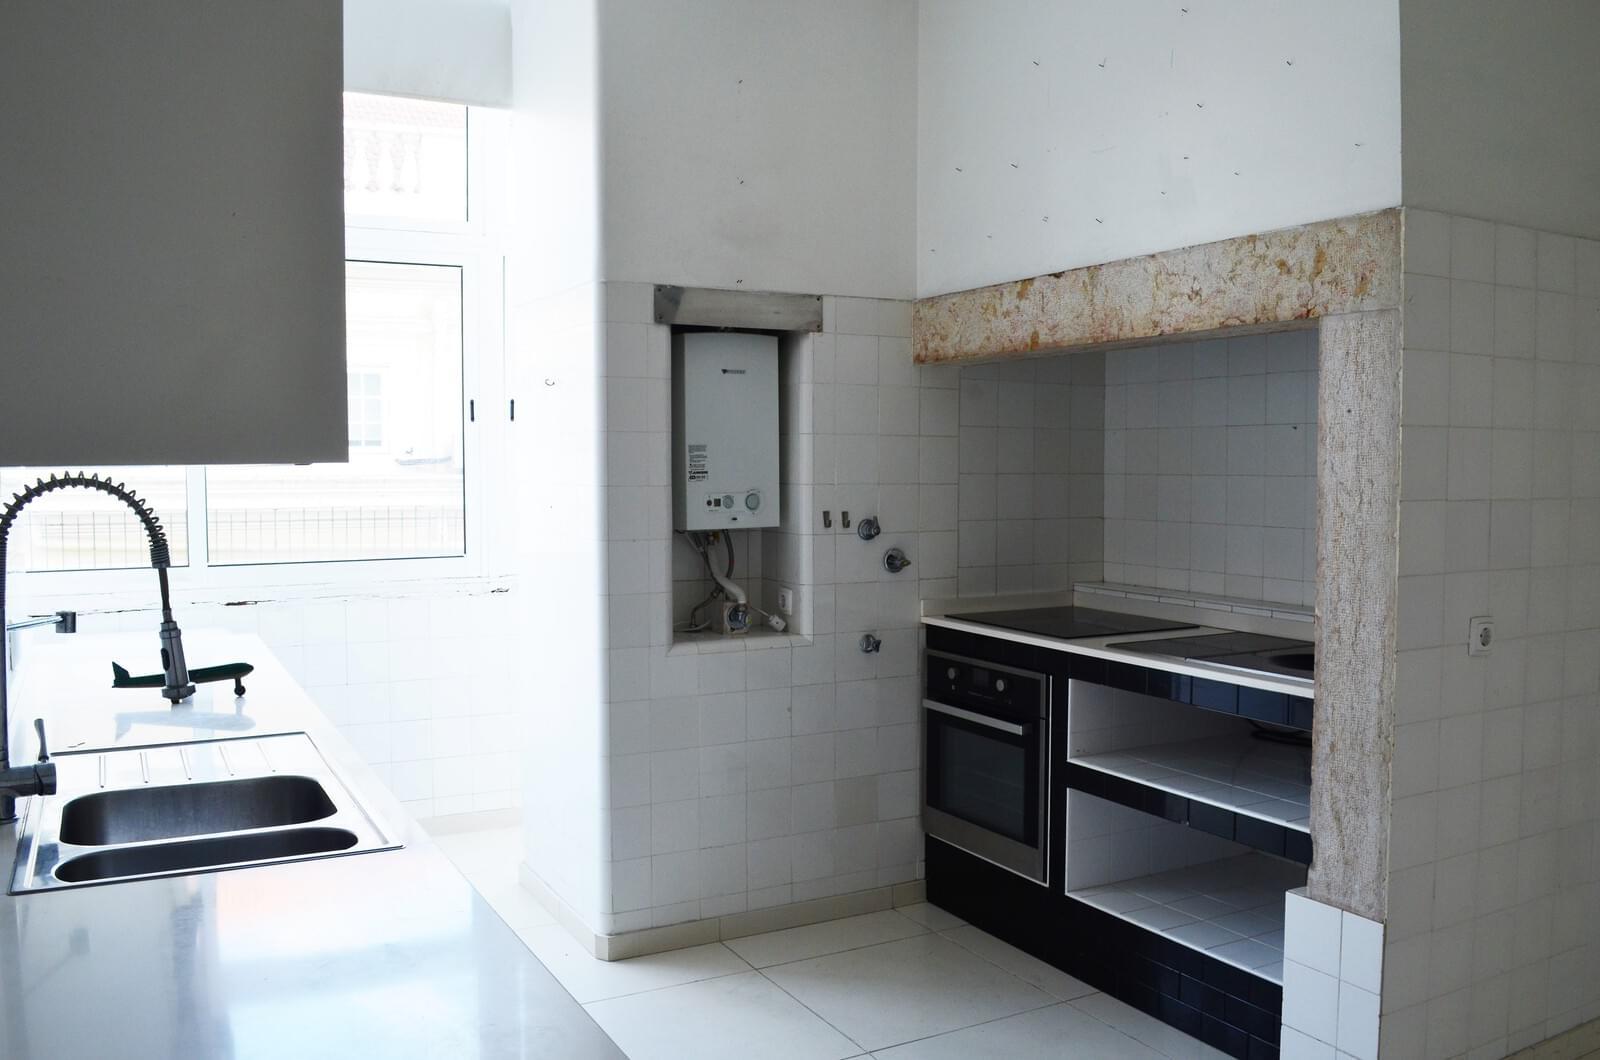 pf18621-apartamento-t4-lisboa-221234cb-07af-4e33-9182-00bc411fea4e